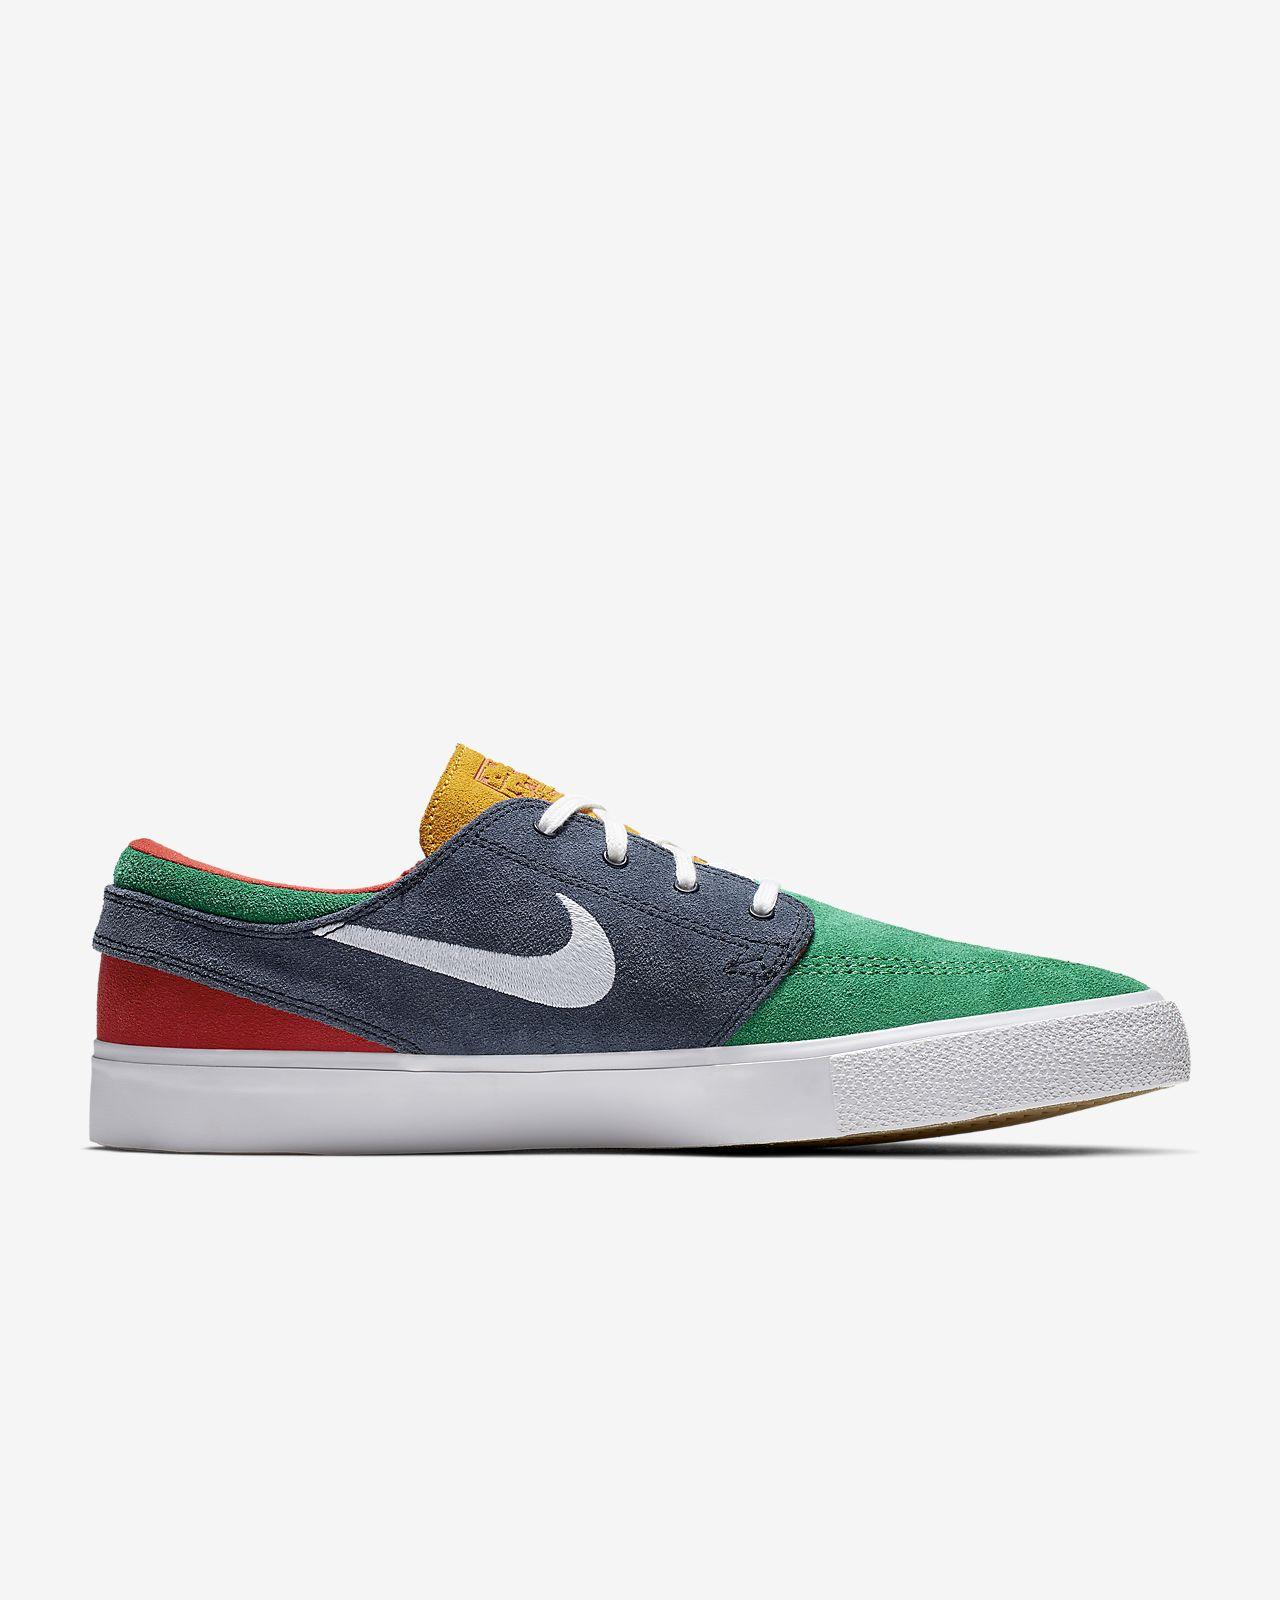 watch 4392f e397f ... Skateboardsko Nike SB Zoom Janoski RM